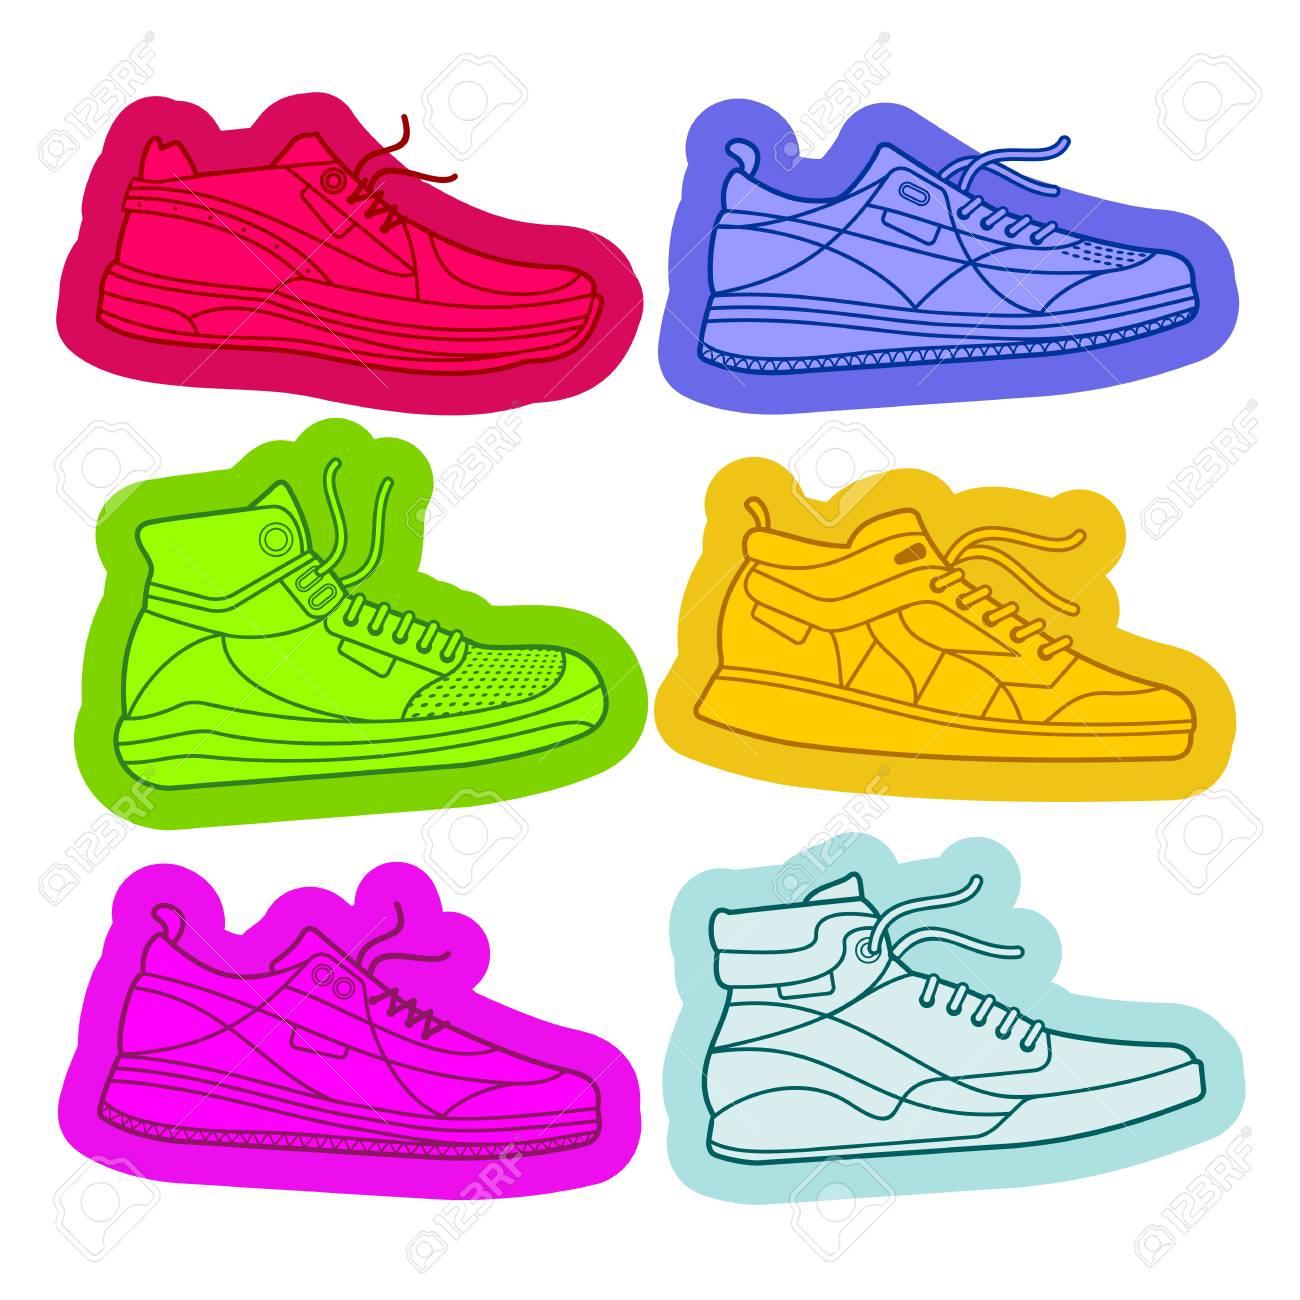 Deporte Zapatos Vectorial 5qgho Ilustración Zapatillas De cR5qj3AL4